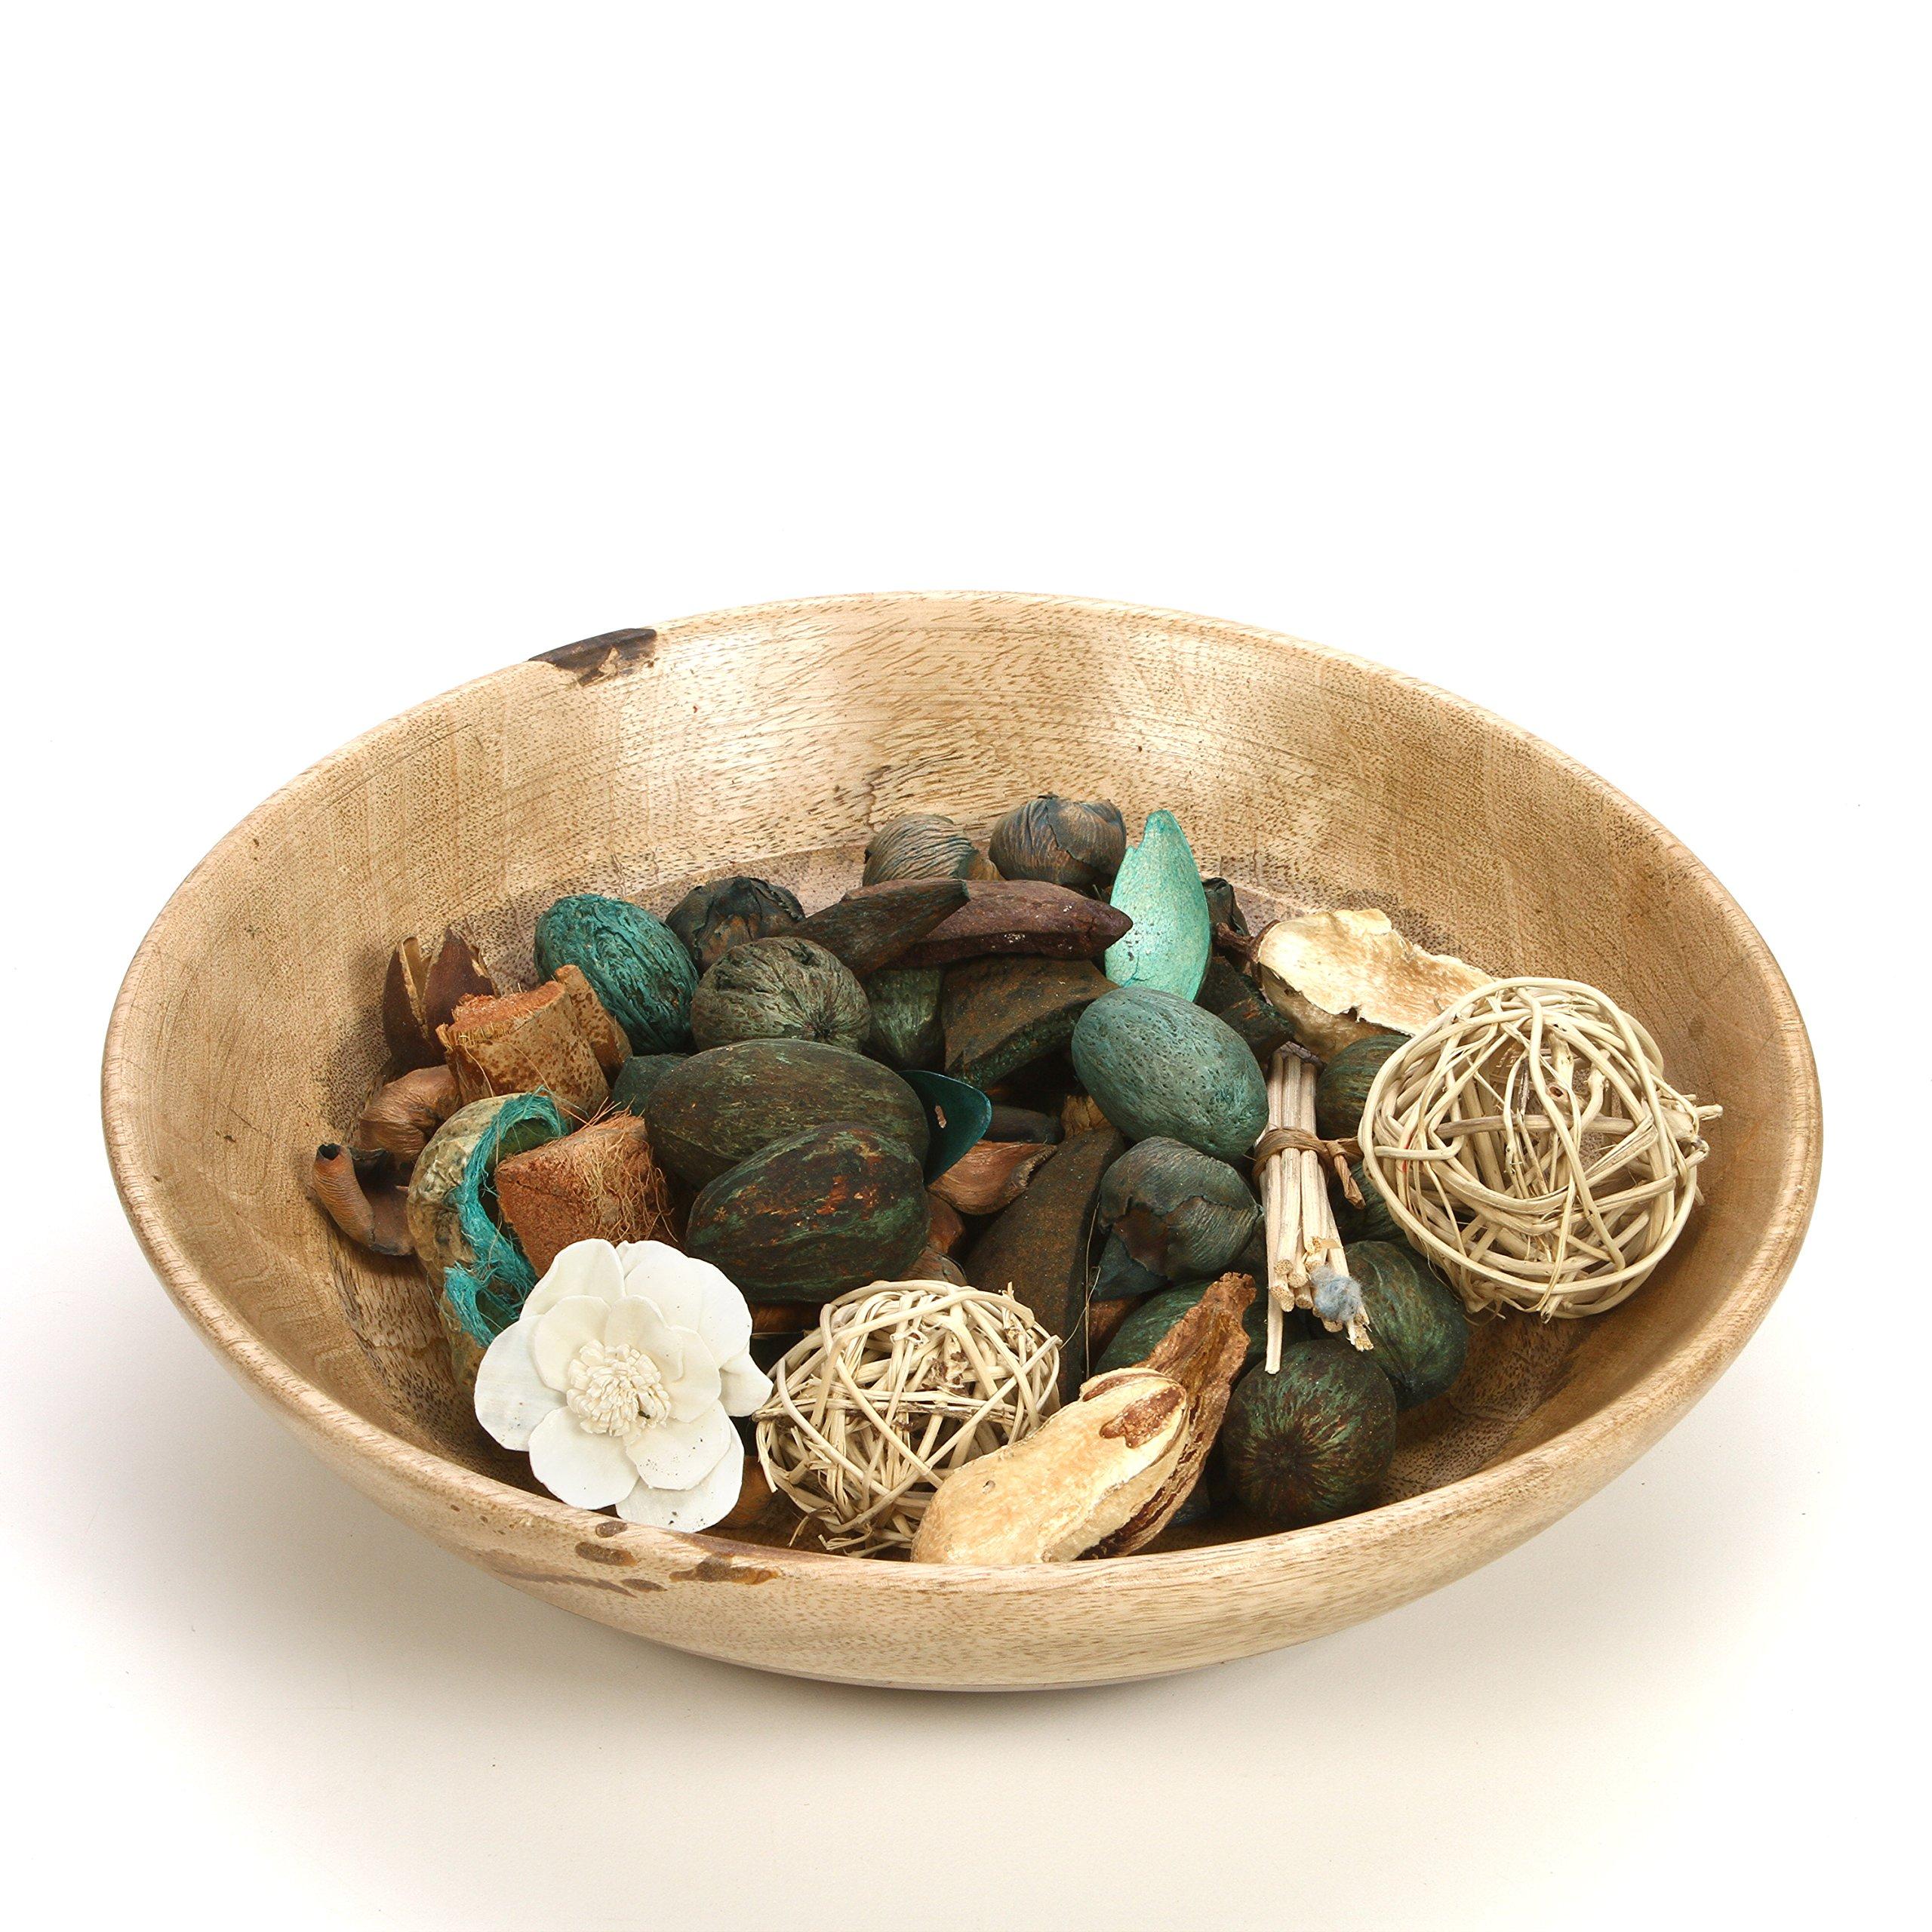 Hosley Set of 6 Bags Eucalyptus Mint Chunky Potpourri 5 Ounce Each. Ideal for Party Favor Weddings spa Reiki Meditation Bathroom Settings. O4 by Hosley (Image #4)